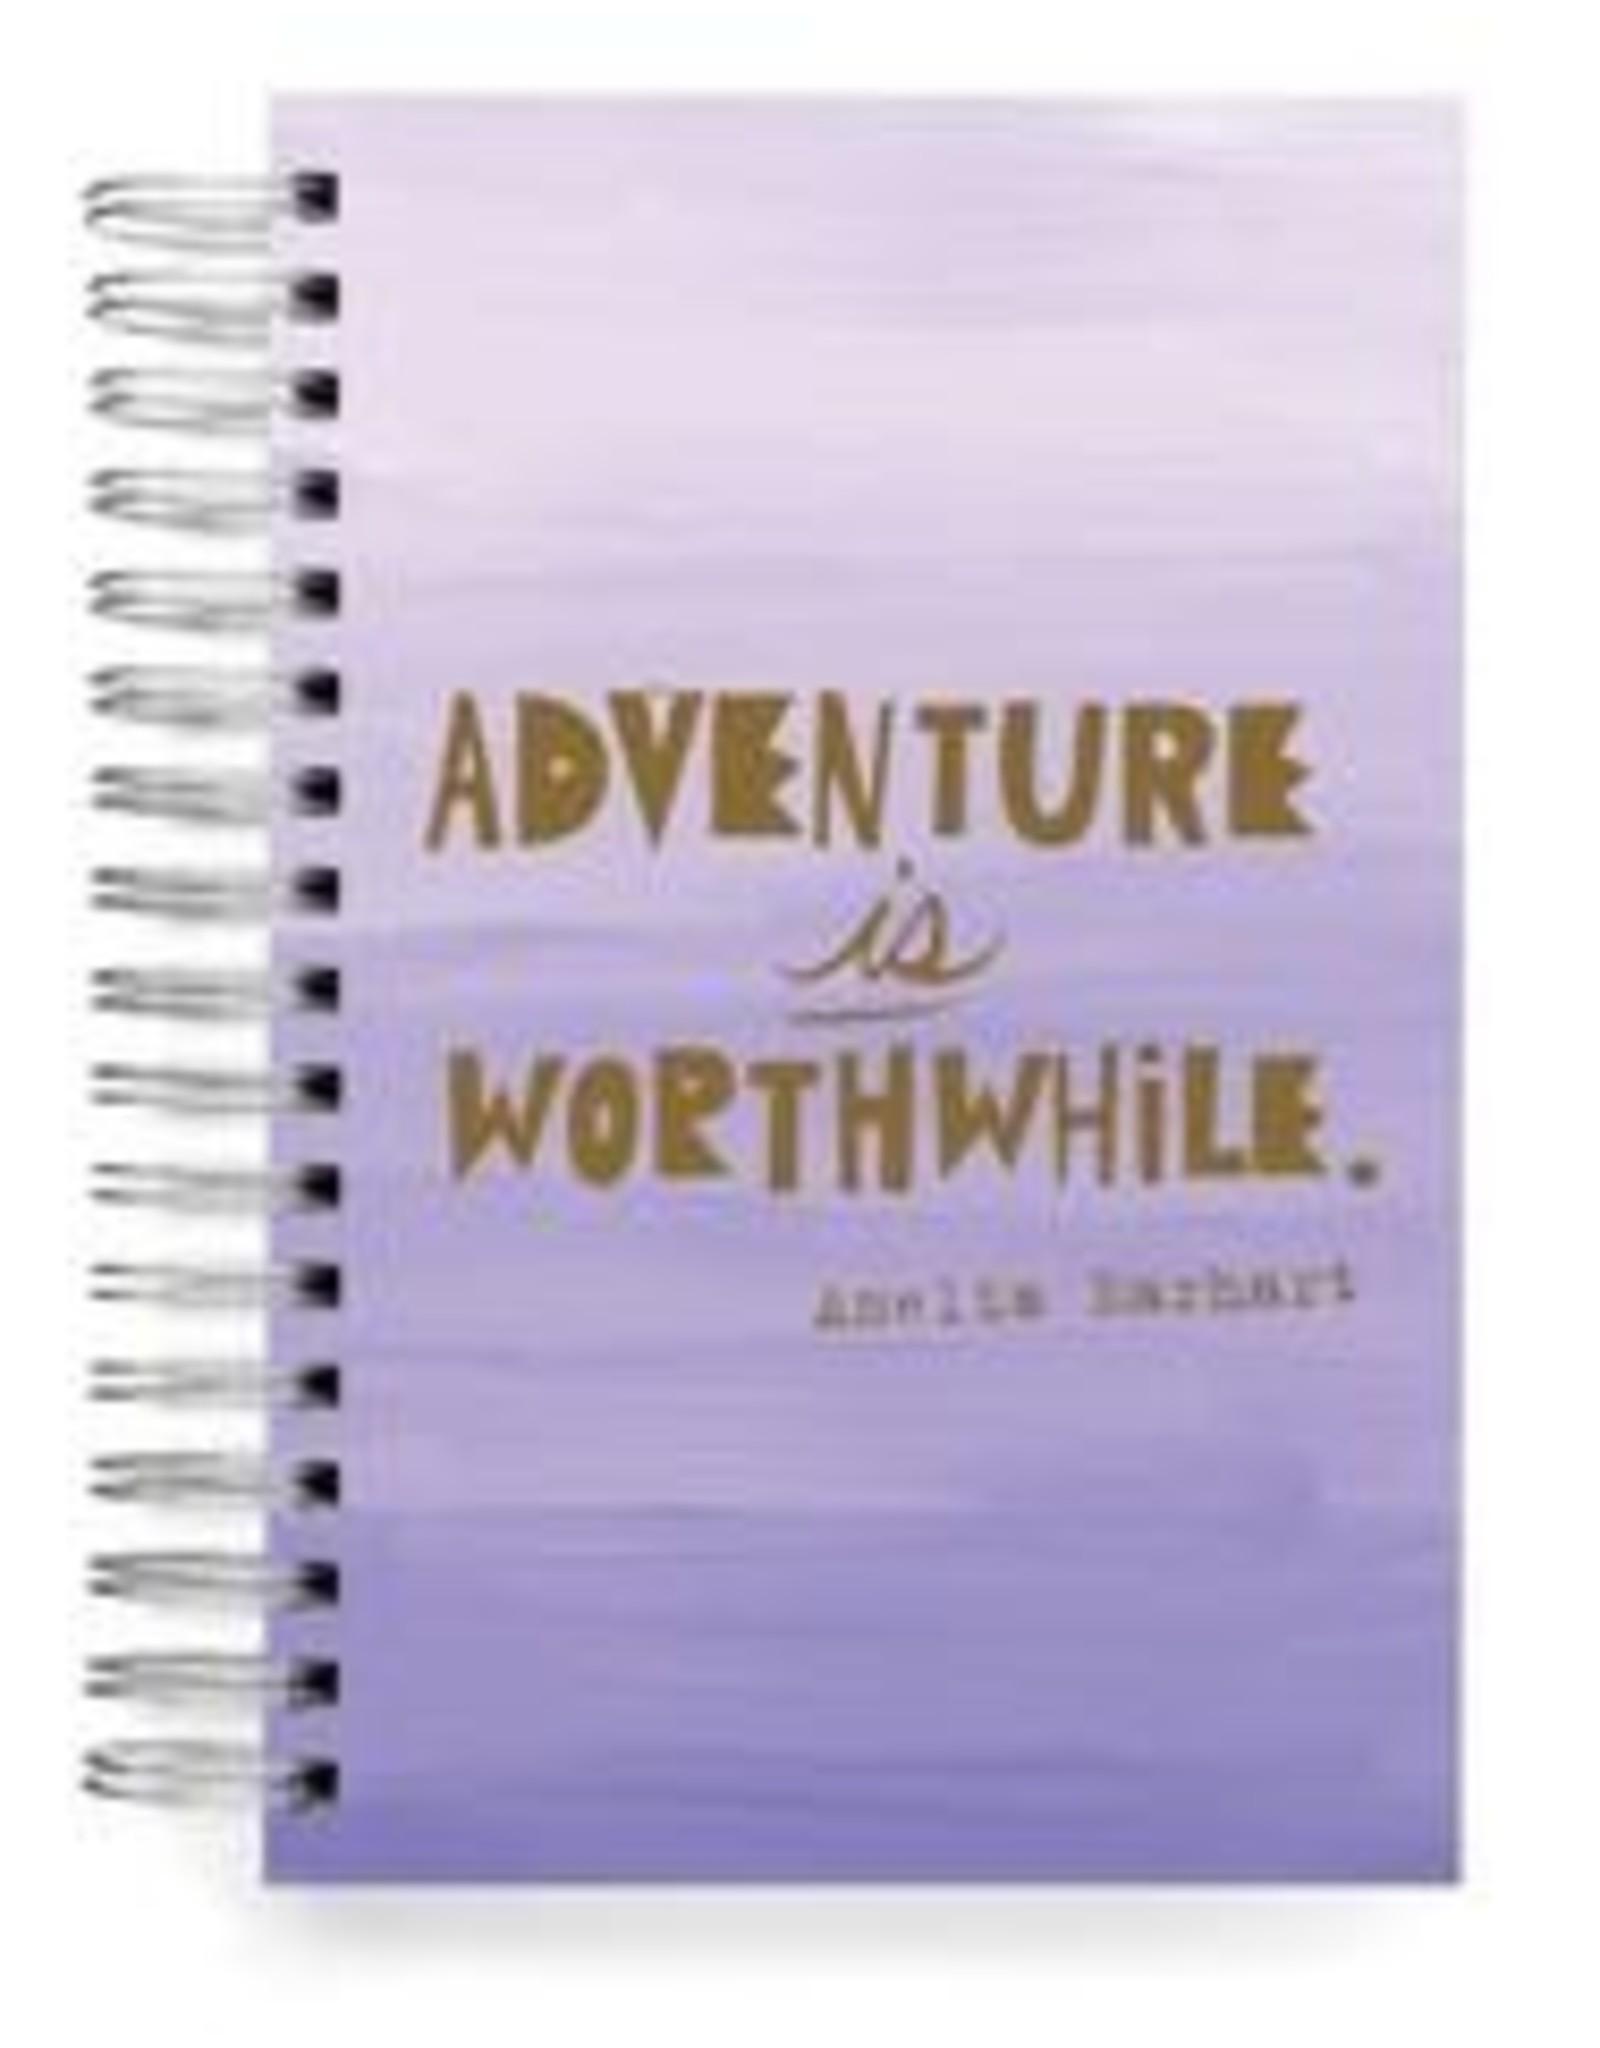 Ecojot - Notebook Adventure Is WorthWhile. Amelia Earthart